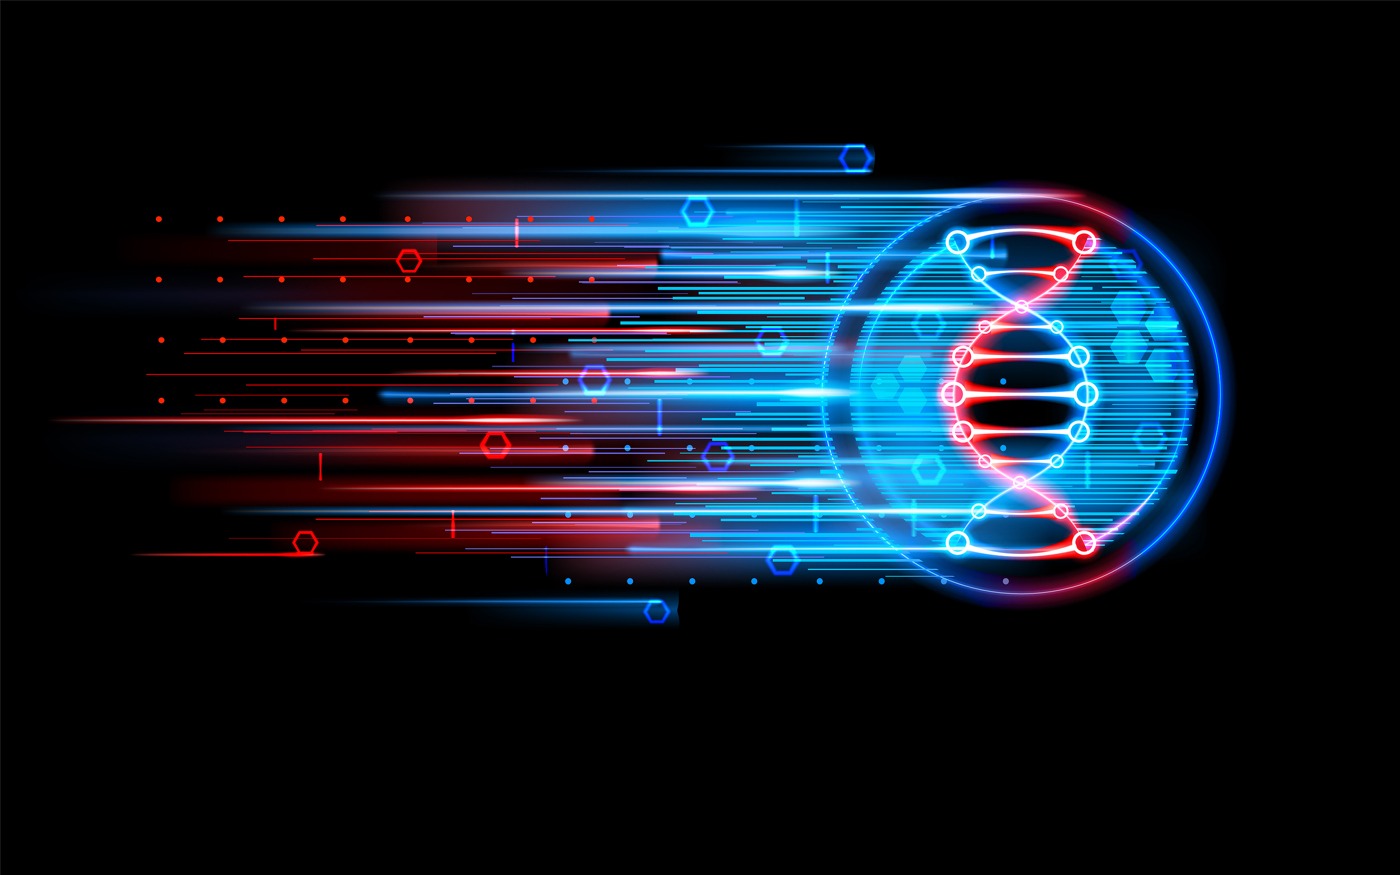 Biotechnology stocks, DNA stocks, Genetics stocks